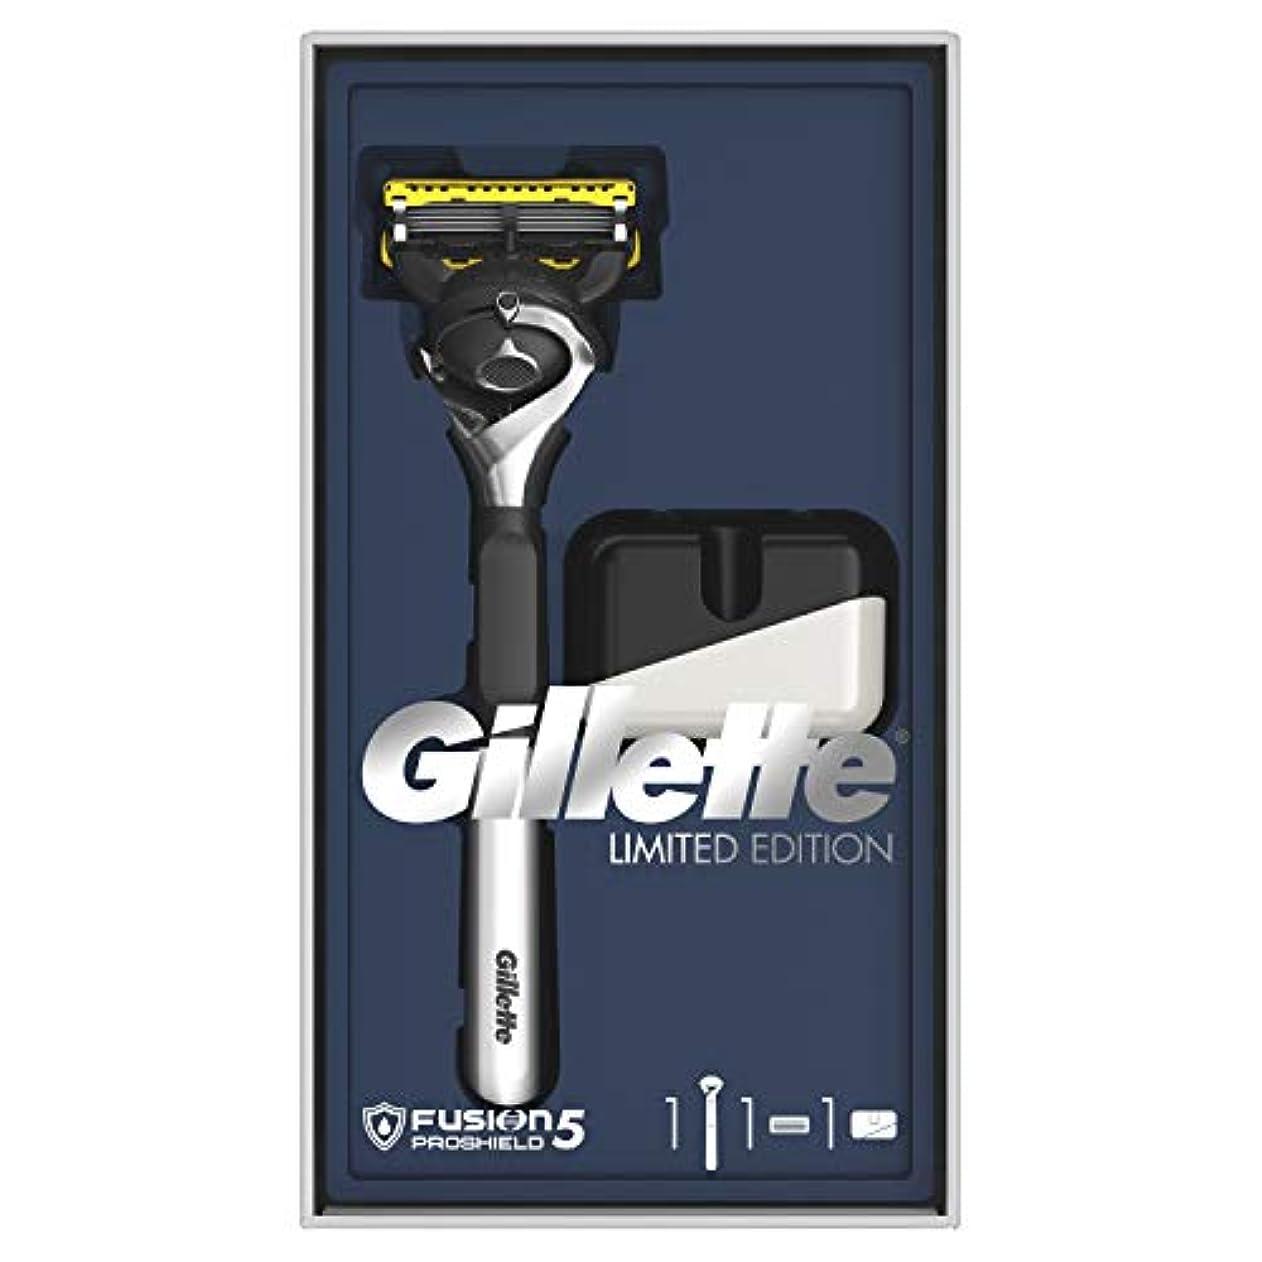 排気警告するタワージレット プロシールド 髭剃り本体+替刃1個 オリジナルスタンド付 スペシャルパッケージ